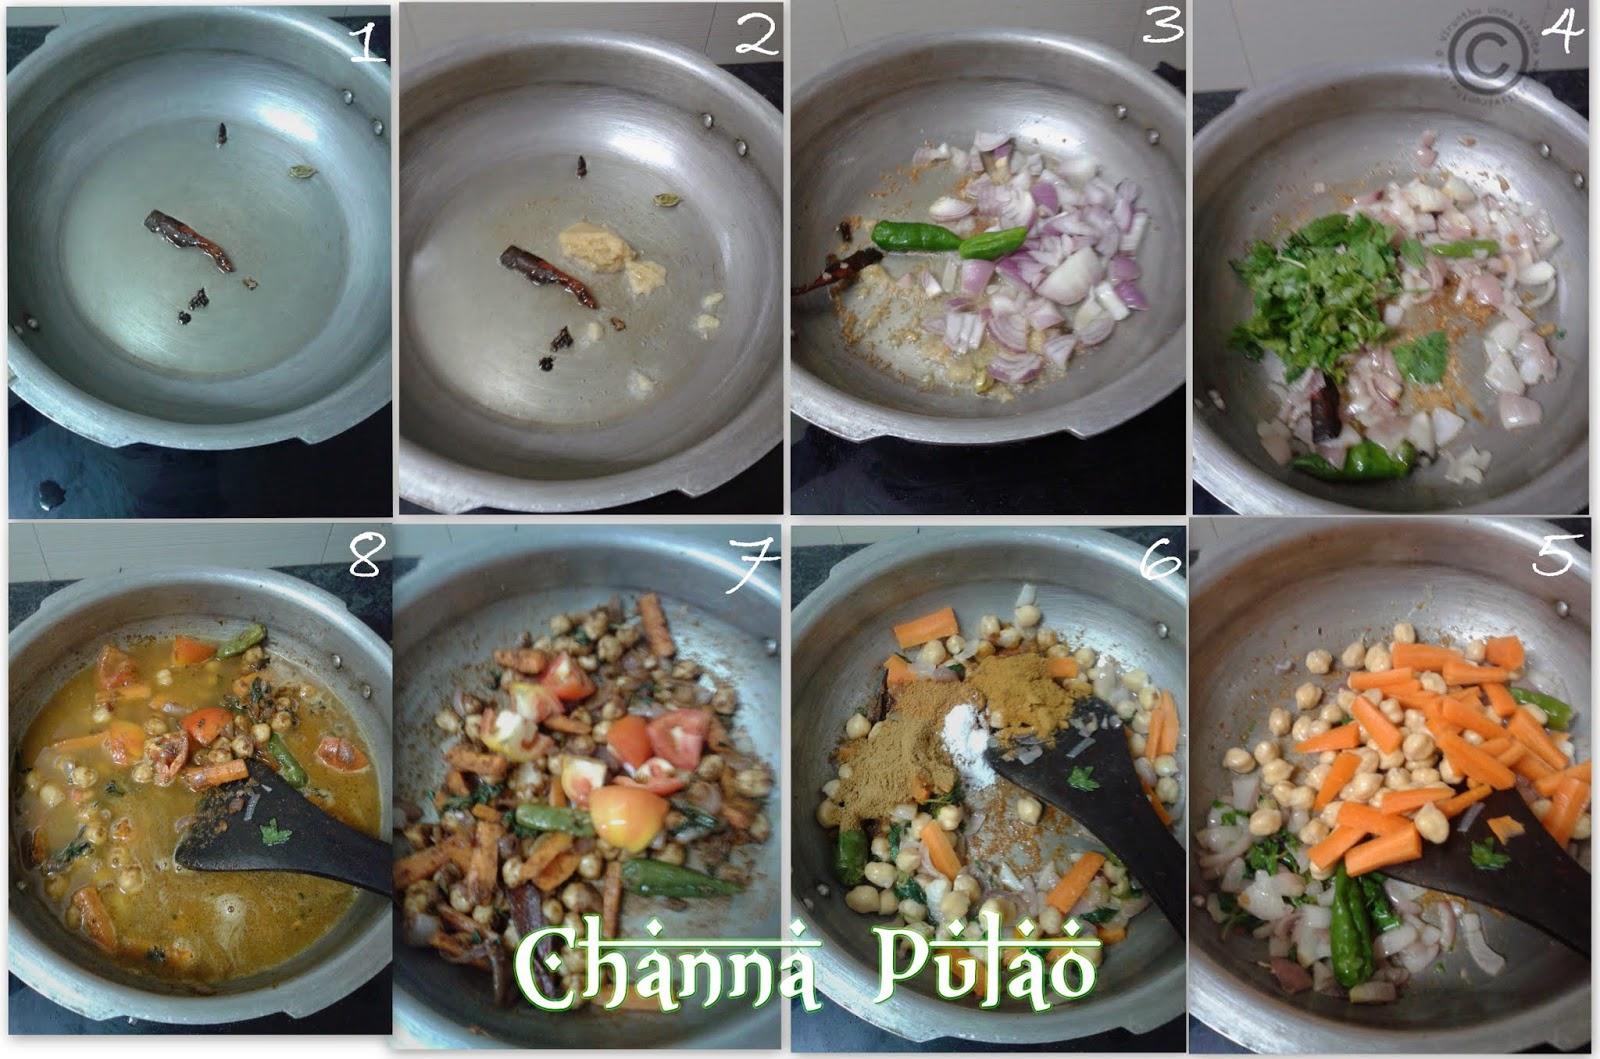 Channa-pulao